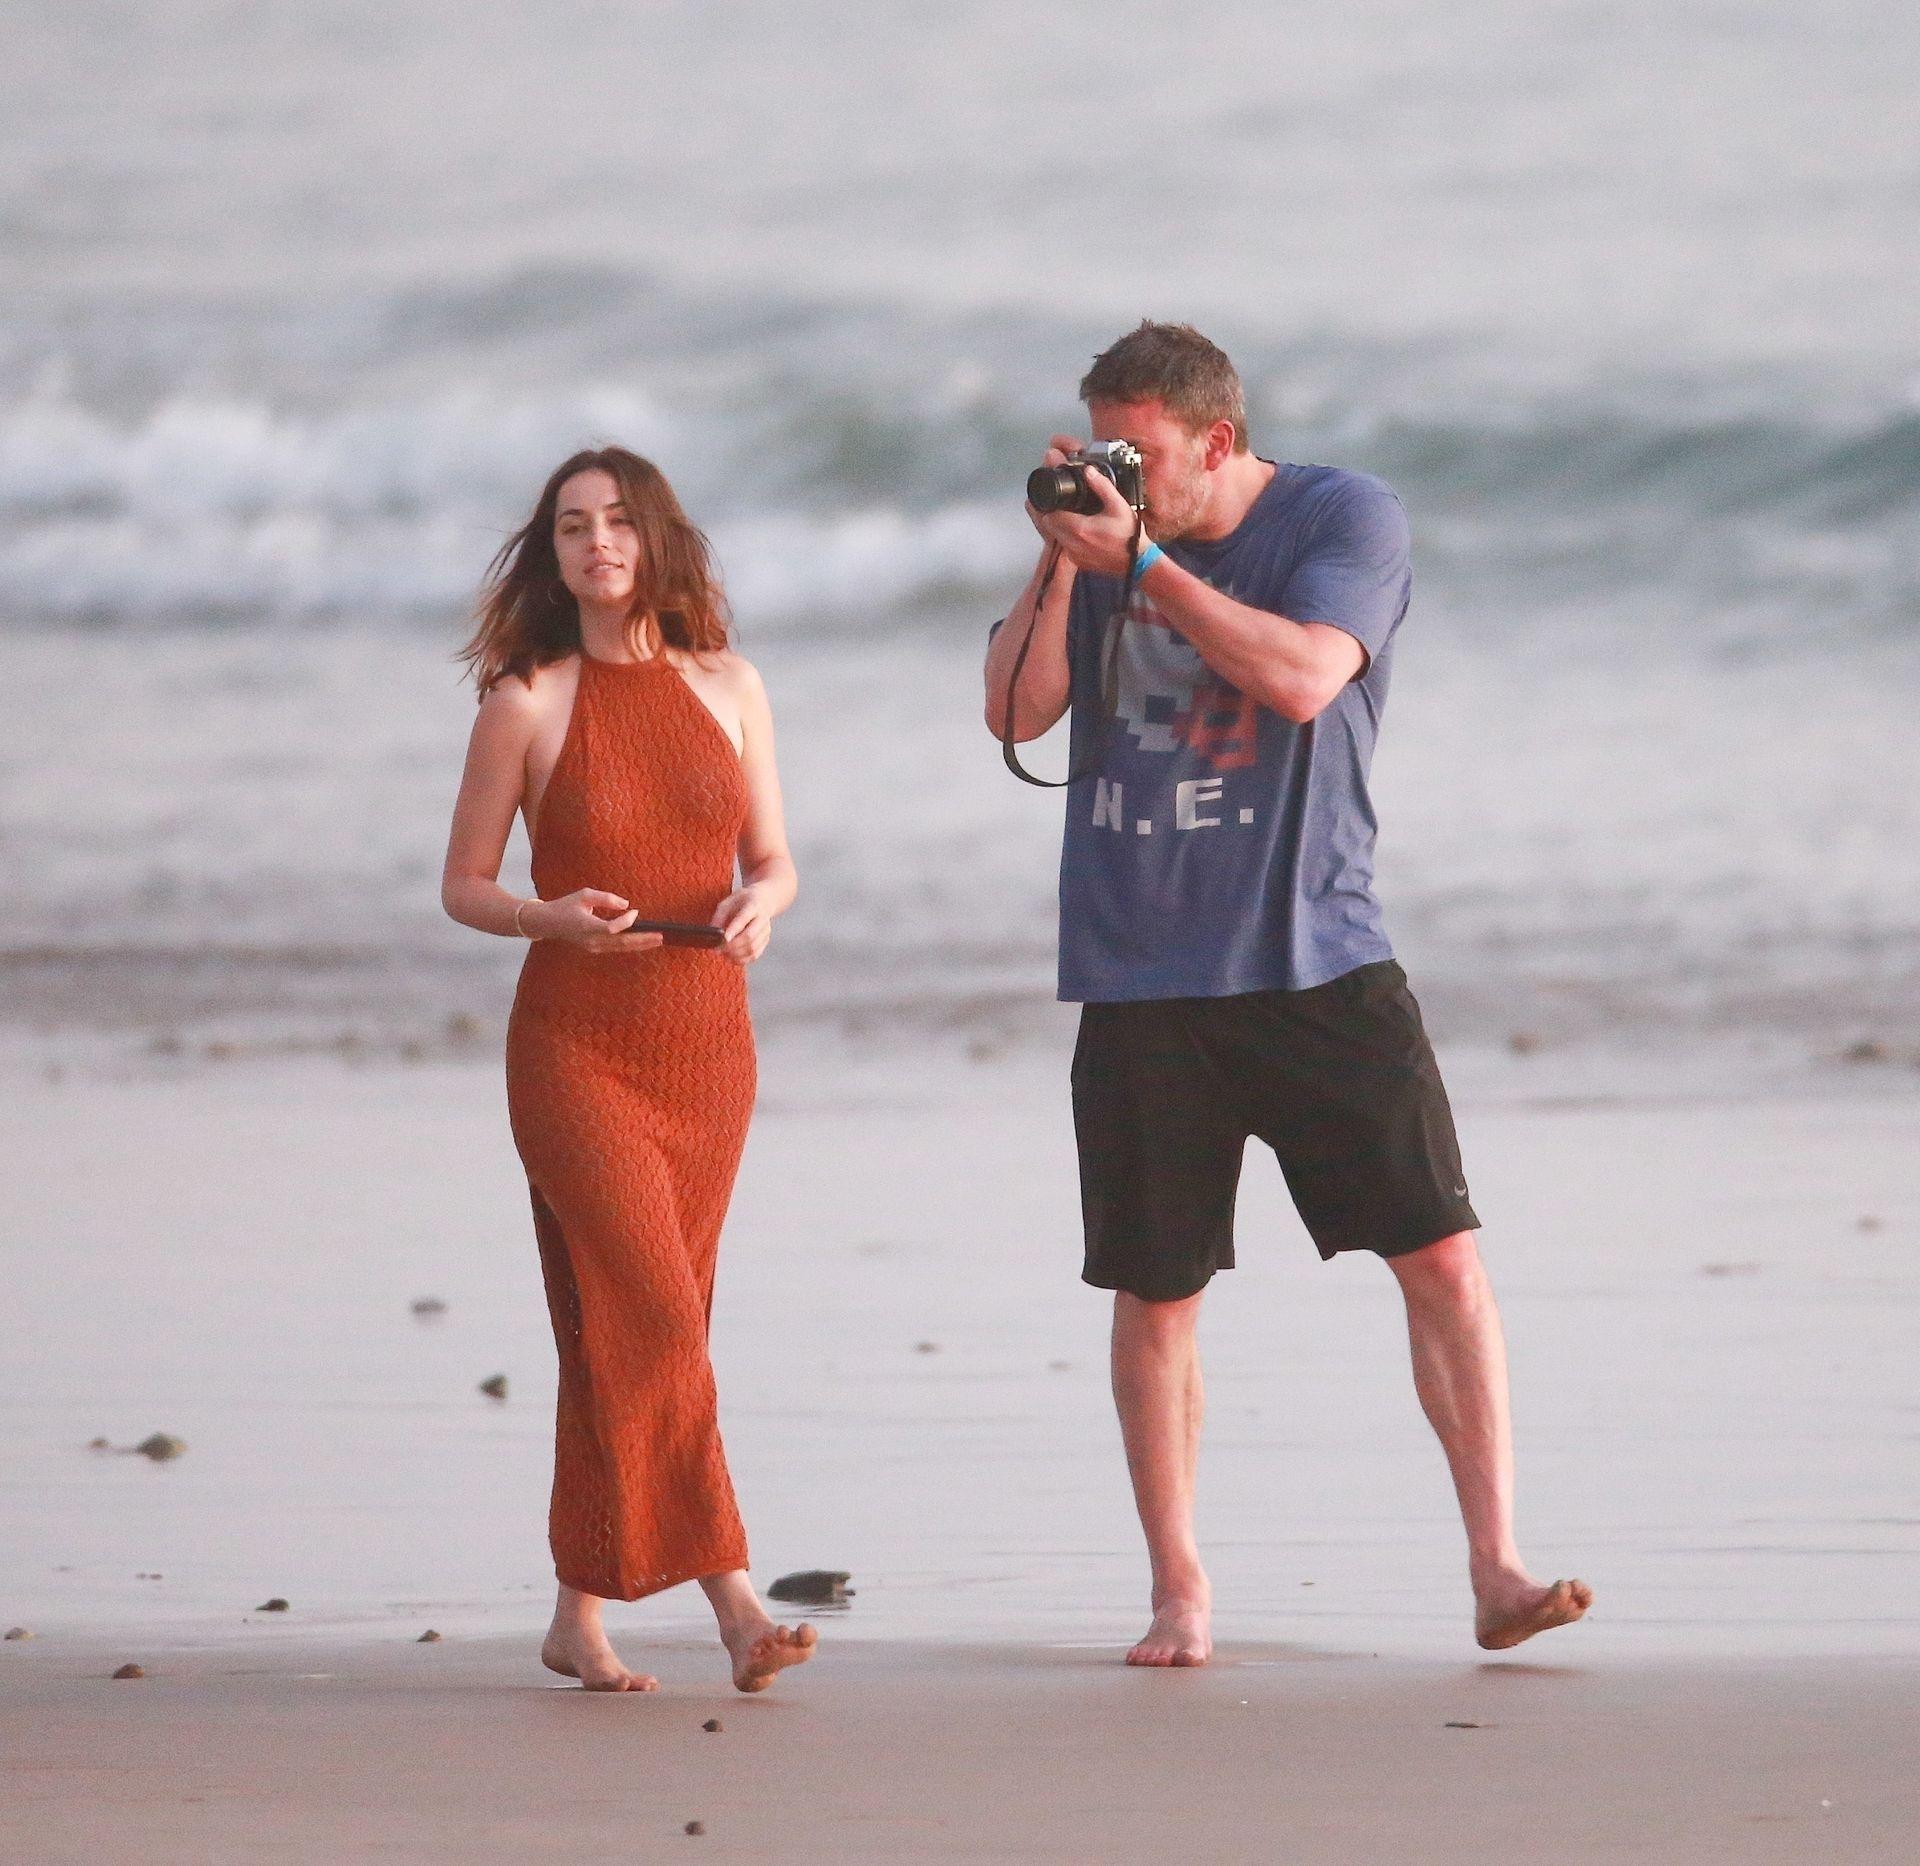 Ben Affleck & Ana De Armas Enjoy A Pda Moment During Romantic Beach Stroll In Costa Rica 0011